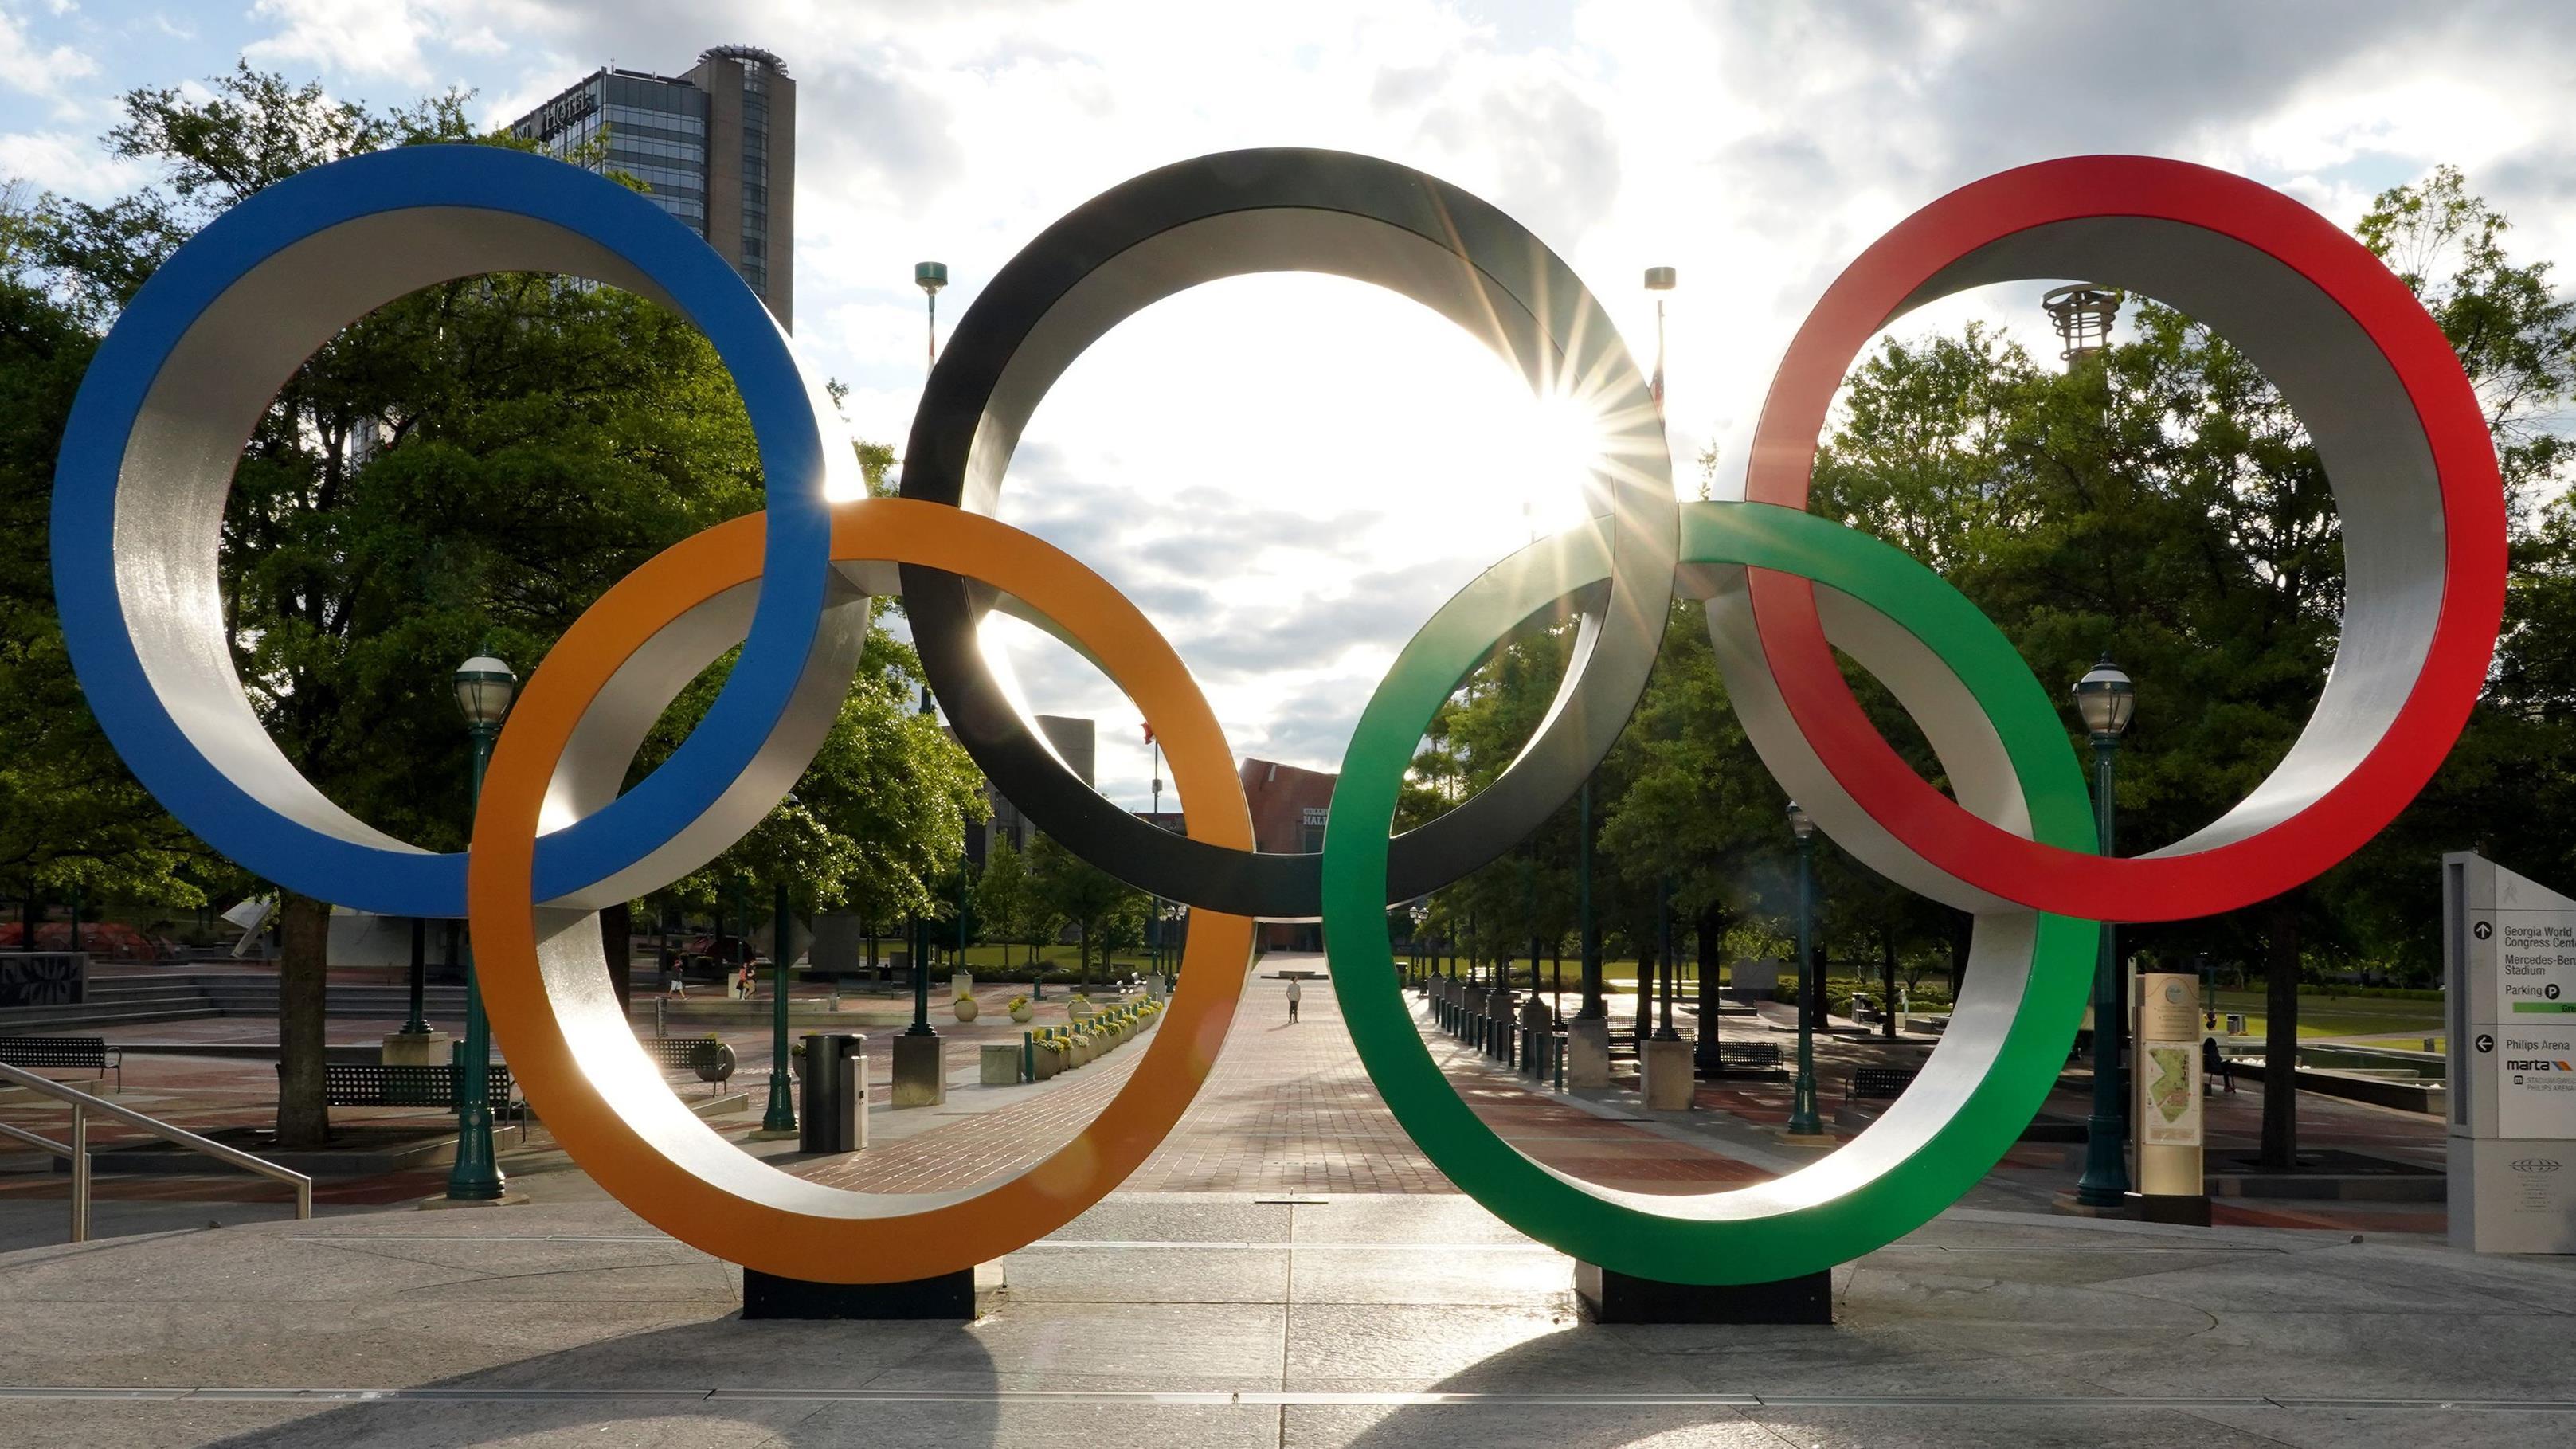 Les Jeux olympiques, le jeu-questionnaire!